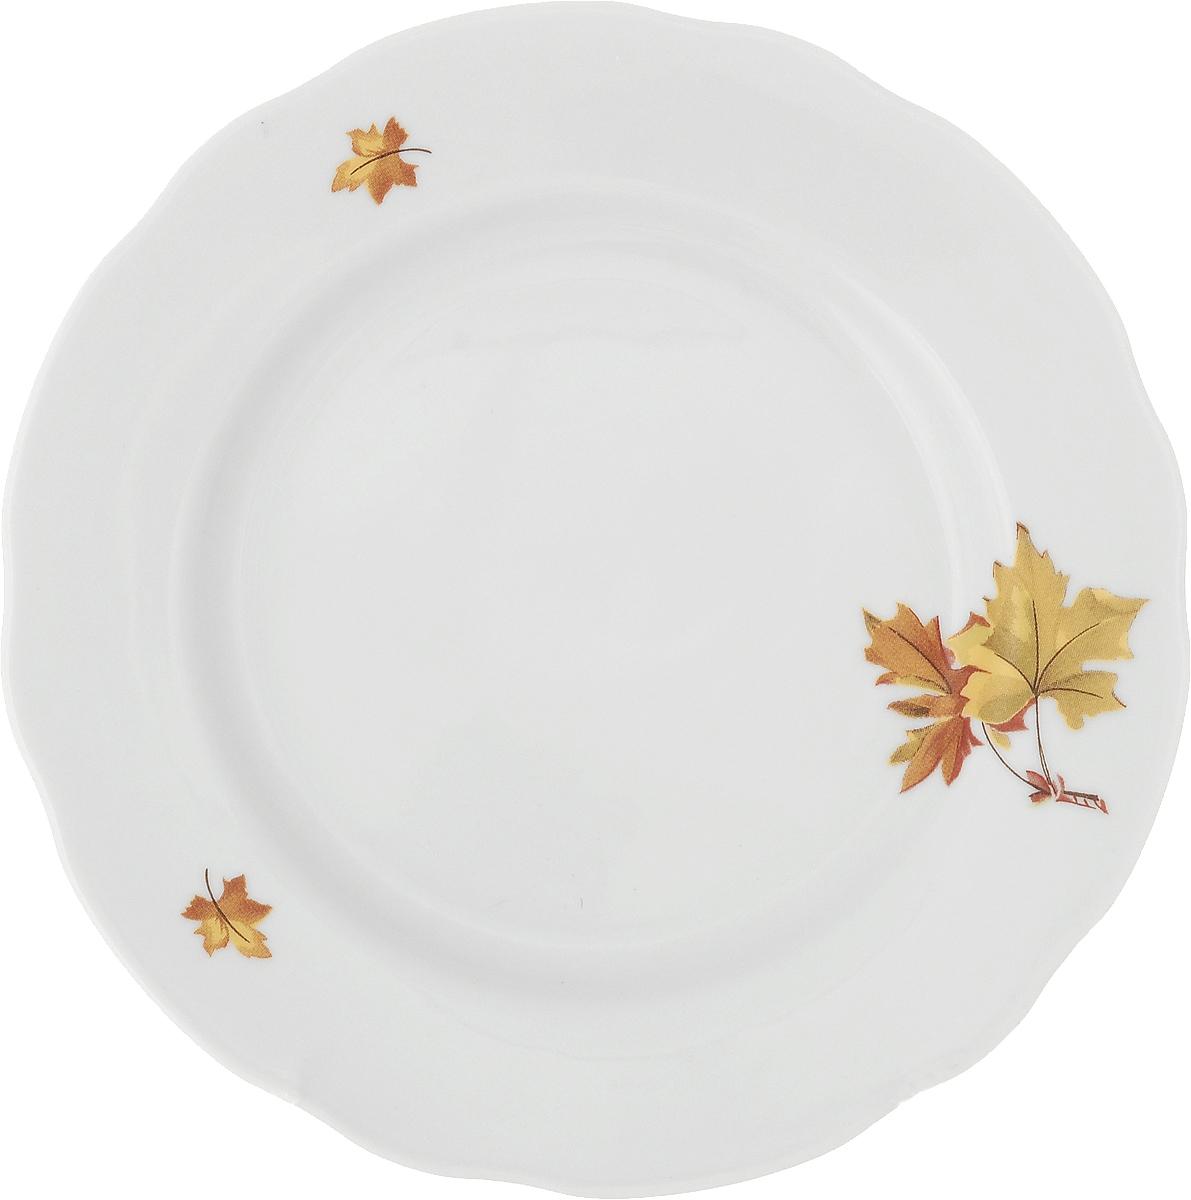 """Тарелка мелкая Дулевский Фарфор """"Клен"""" выполнена из высококачественного фарфора, покрытого глазурью. Изделие дополнено красочным рисунком, а также имеет вырезной край. Тарелку можно использовать для сервировки различных блюд."""